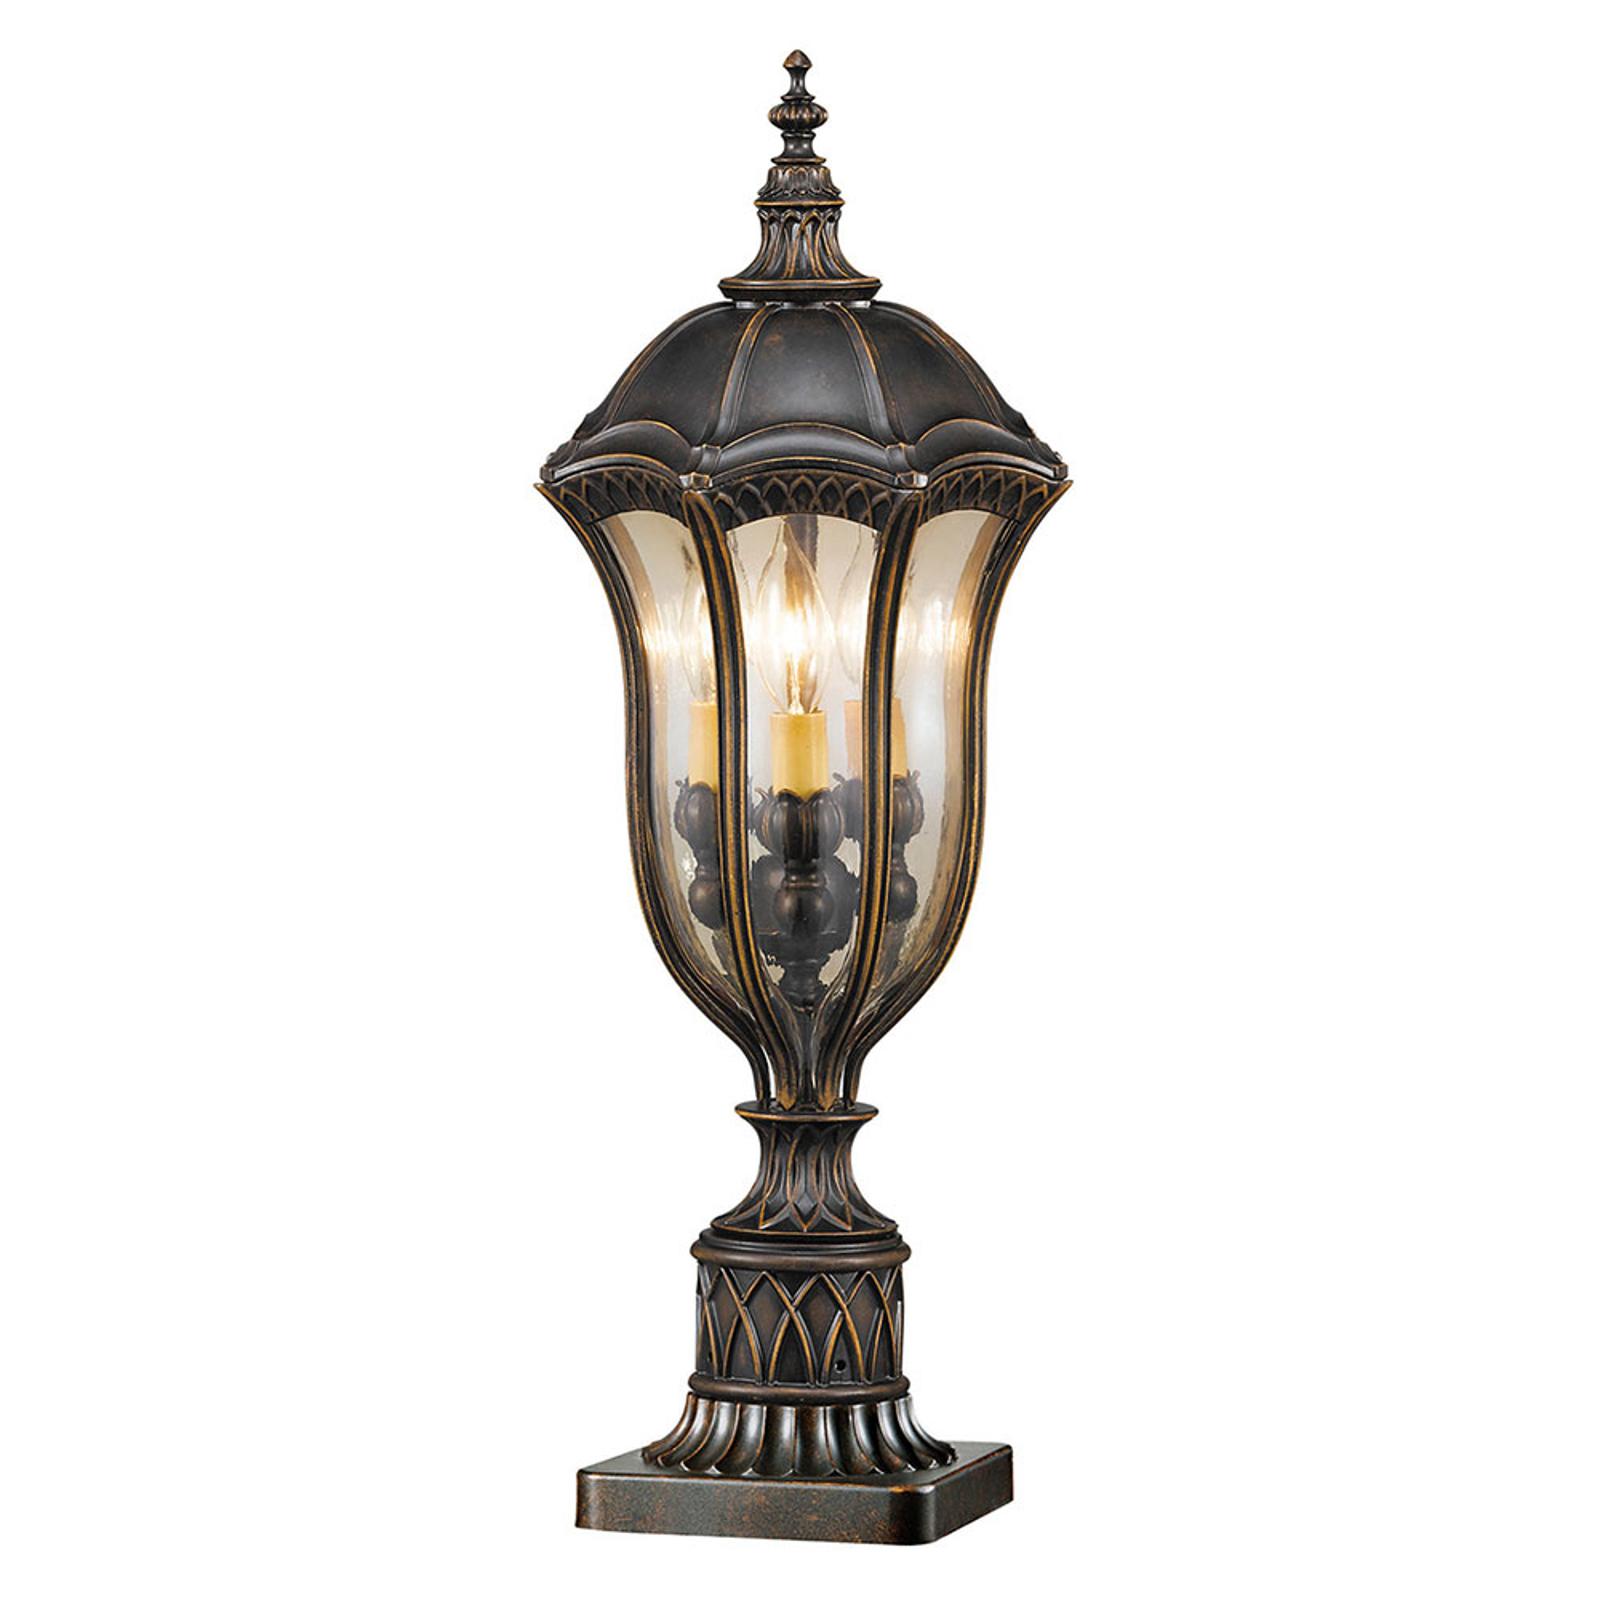 Pollarilamppu Baton Rouge antiikki